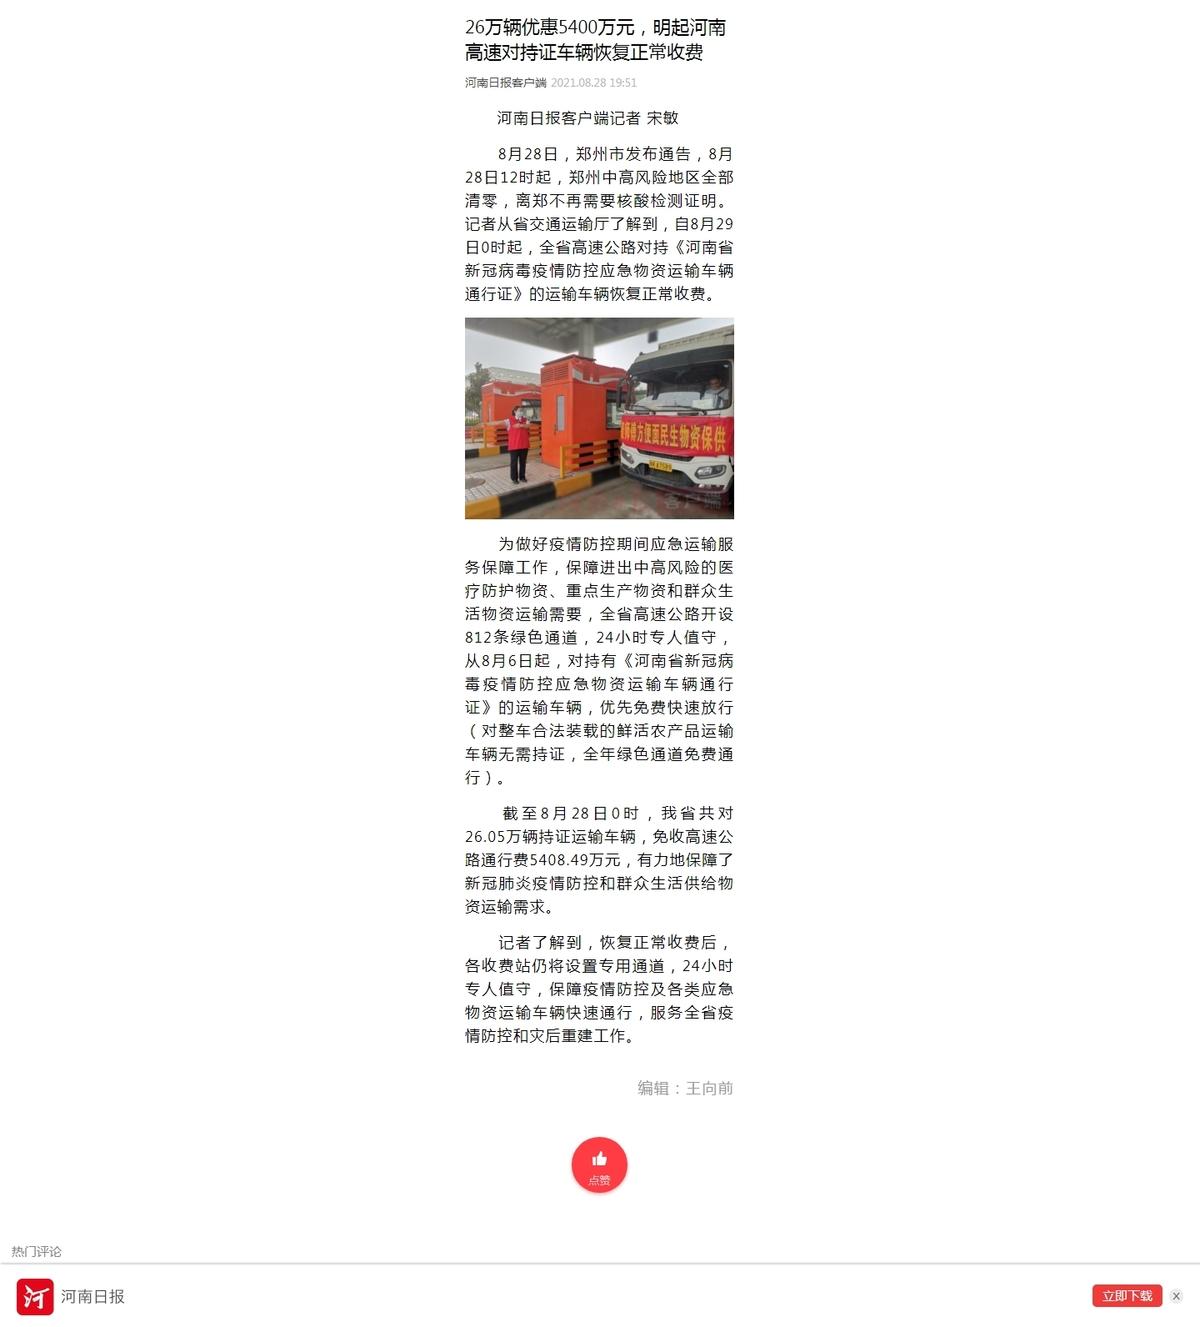 6万辆优惠5400万元,明起河南高速对持证车辆恢复正常收费